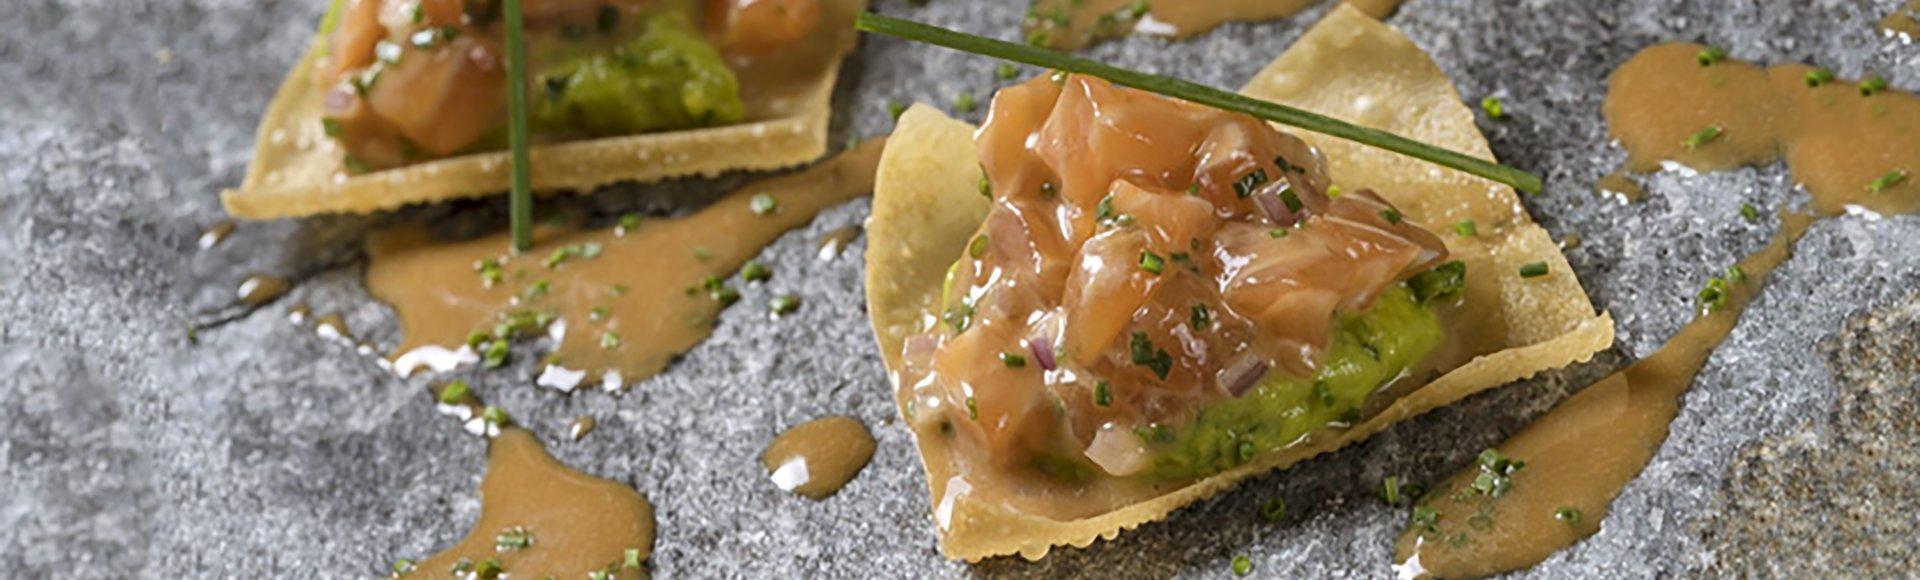 Ταρτάρ σολομού με αβοκάντο σε τραγανό γουοντόν